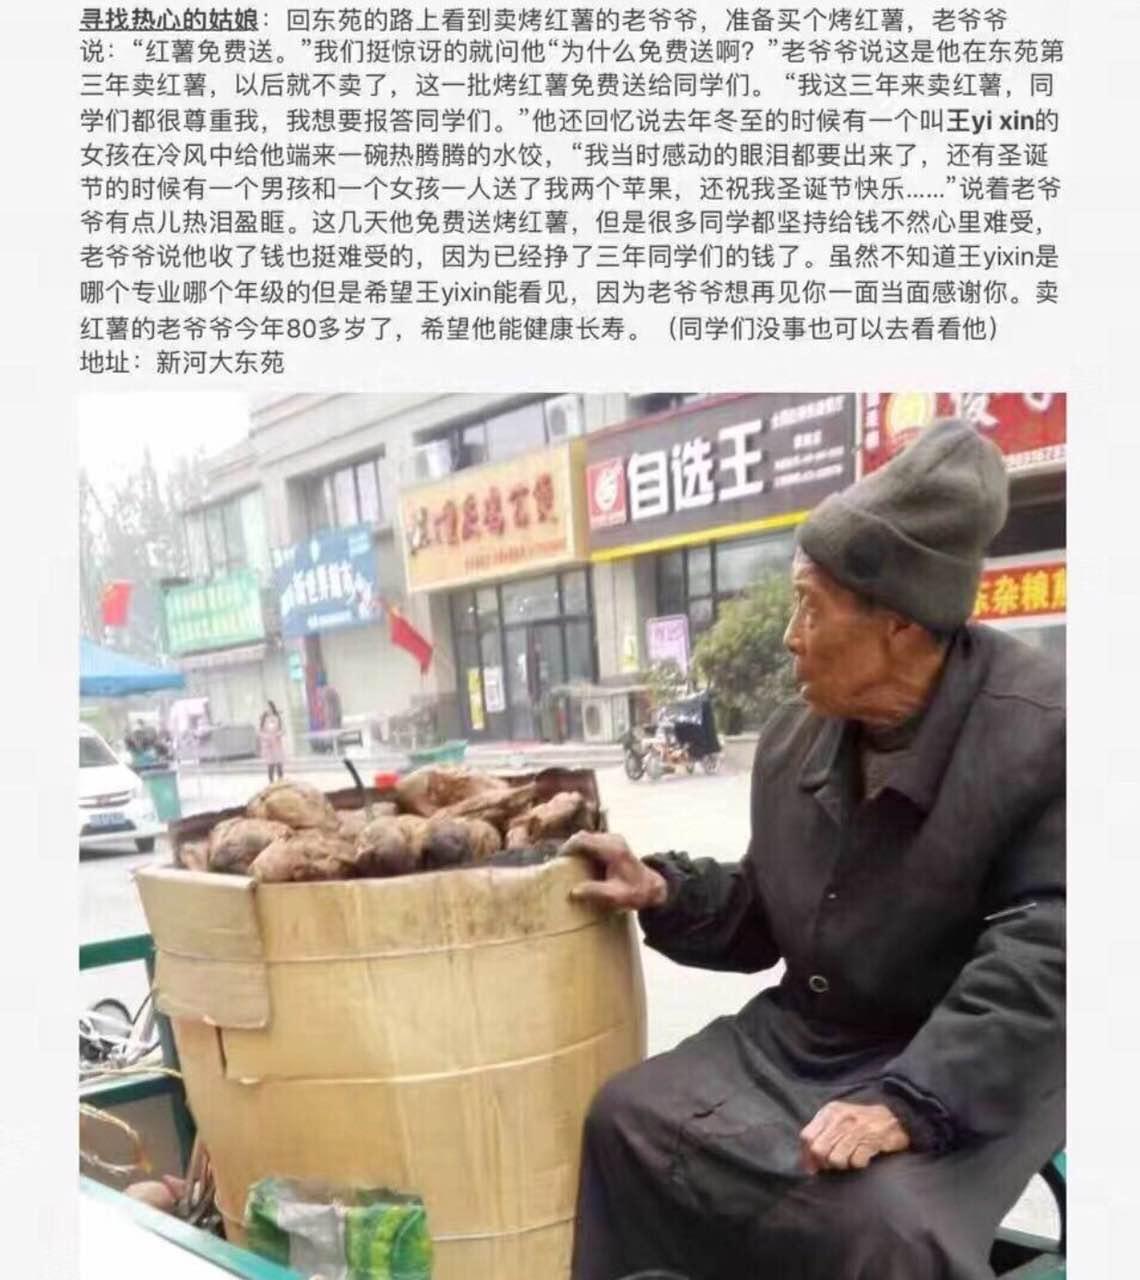 挨冻烤薯爷 寻找送饺孩 - wangxiaochun1942 - 不争春